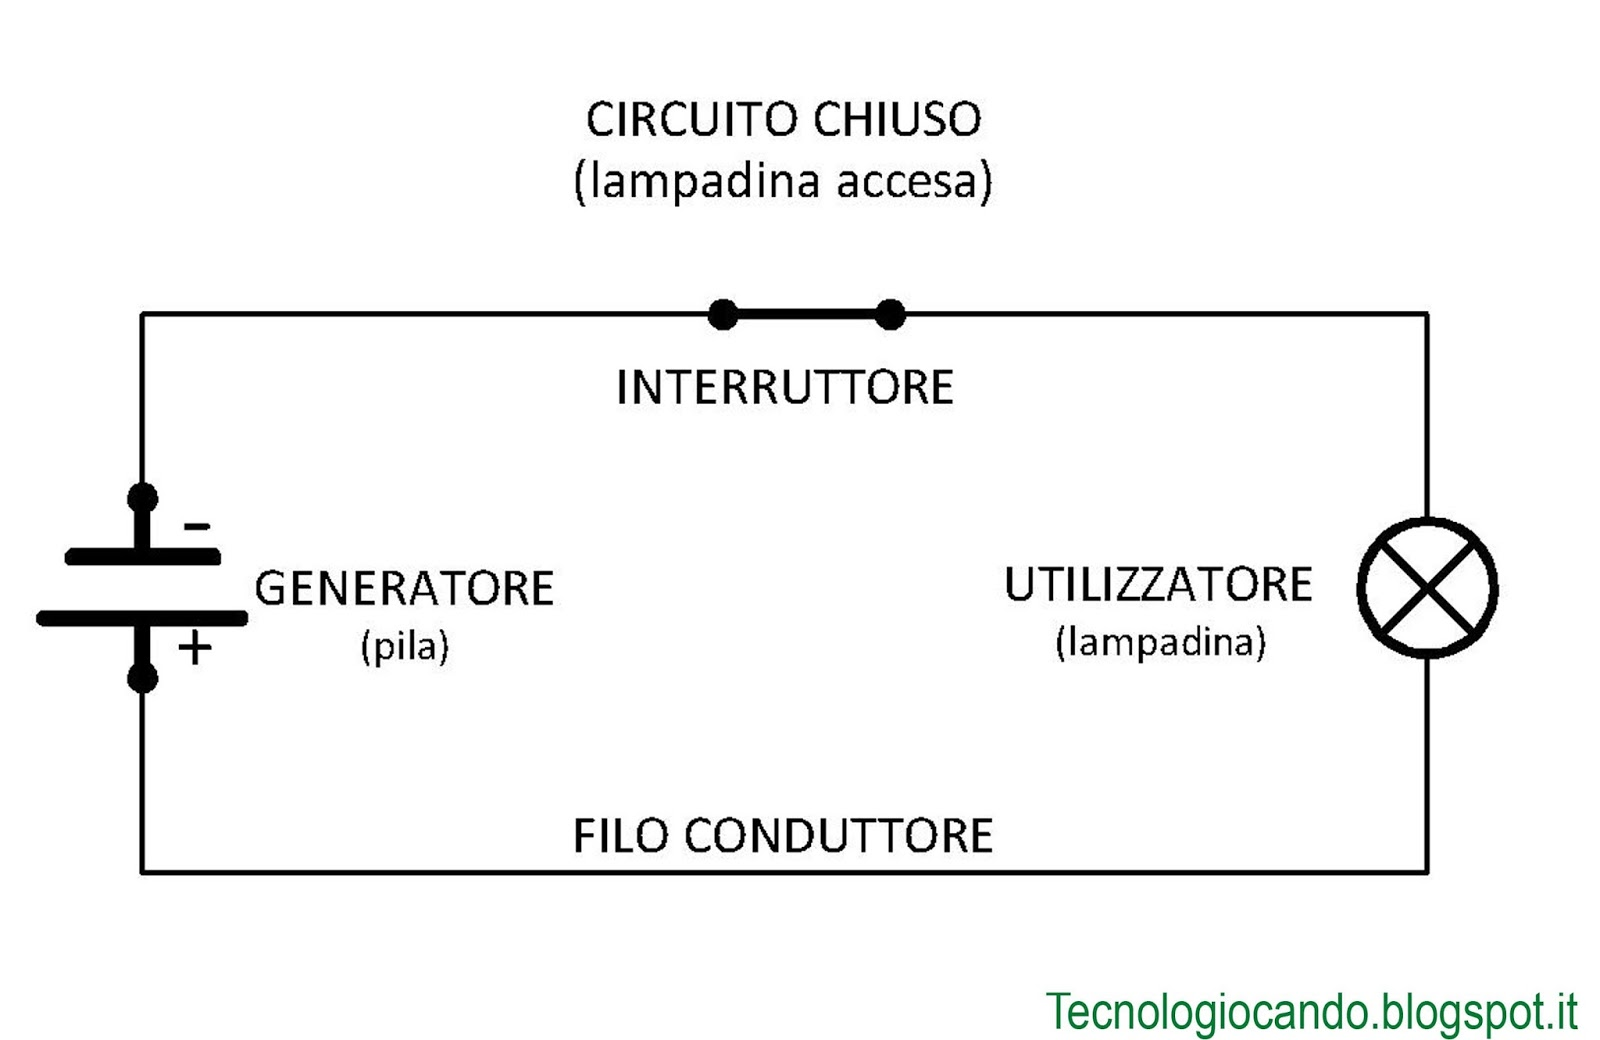 Schema Elettrico Per Una Lampadina : Tecnologiocando circuito elettrico base